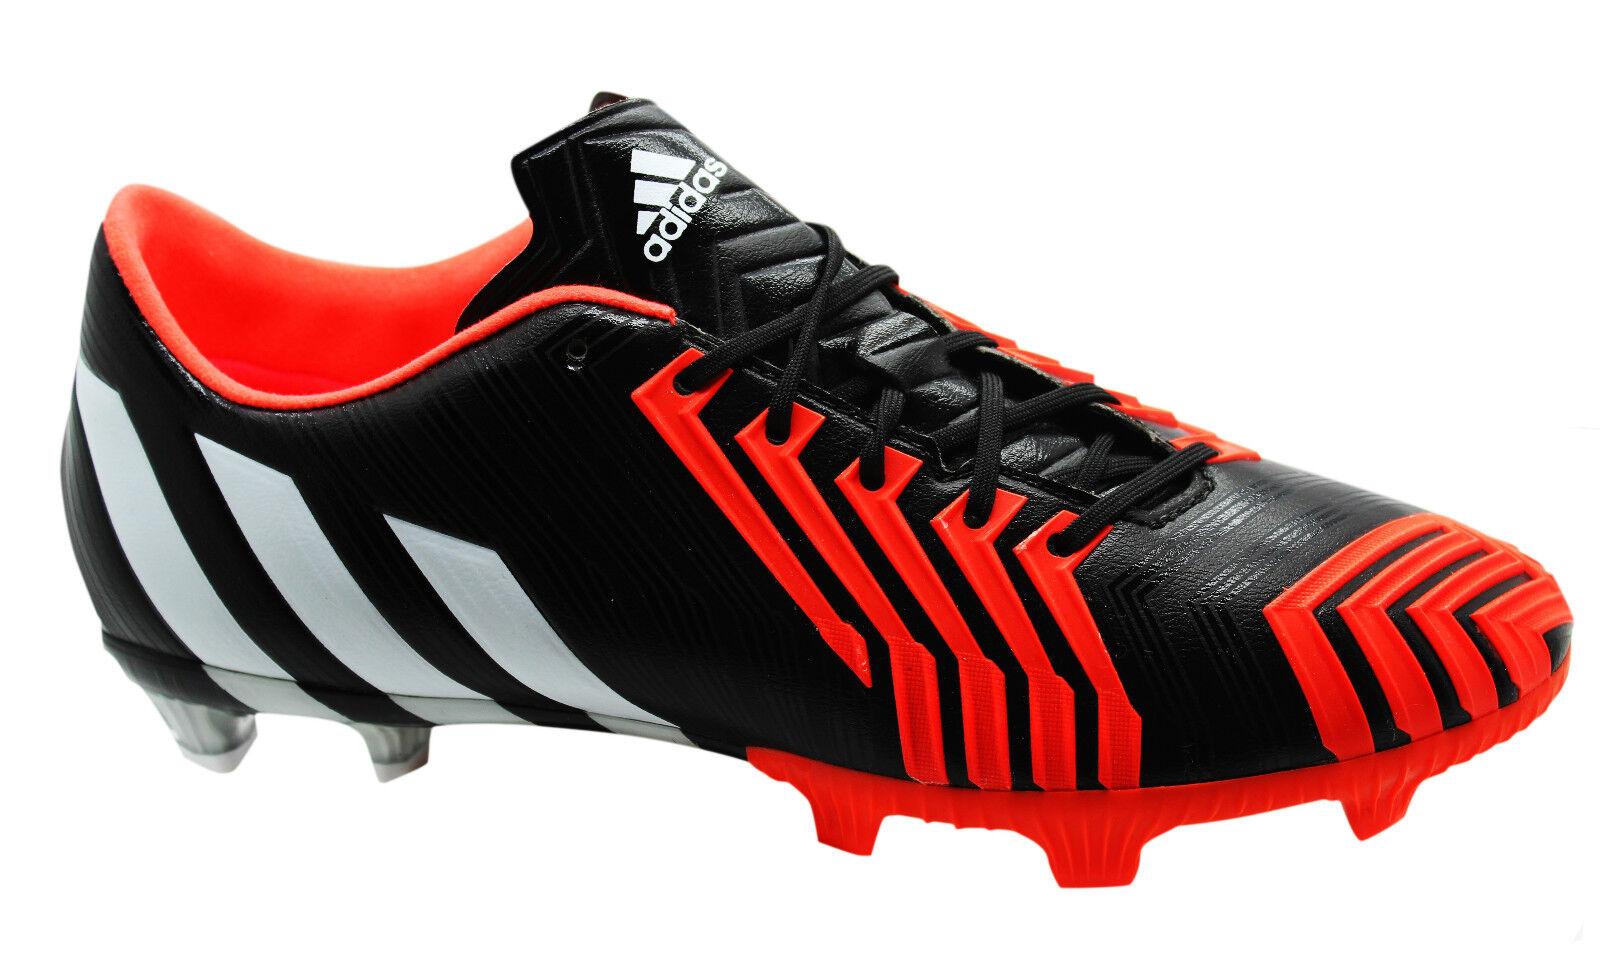 Adidas Projoator instinto Fg Tierra Firme Para Hombre botas de fútbol Negro b24152 D1